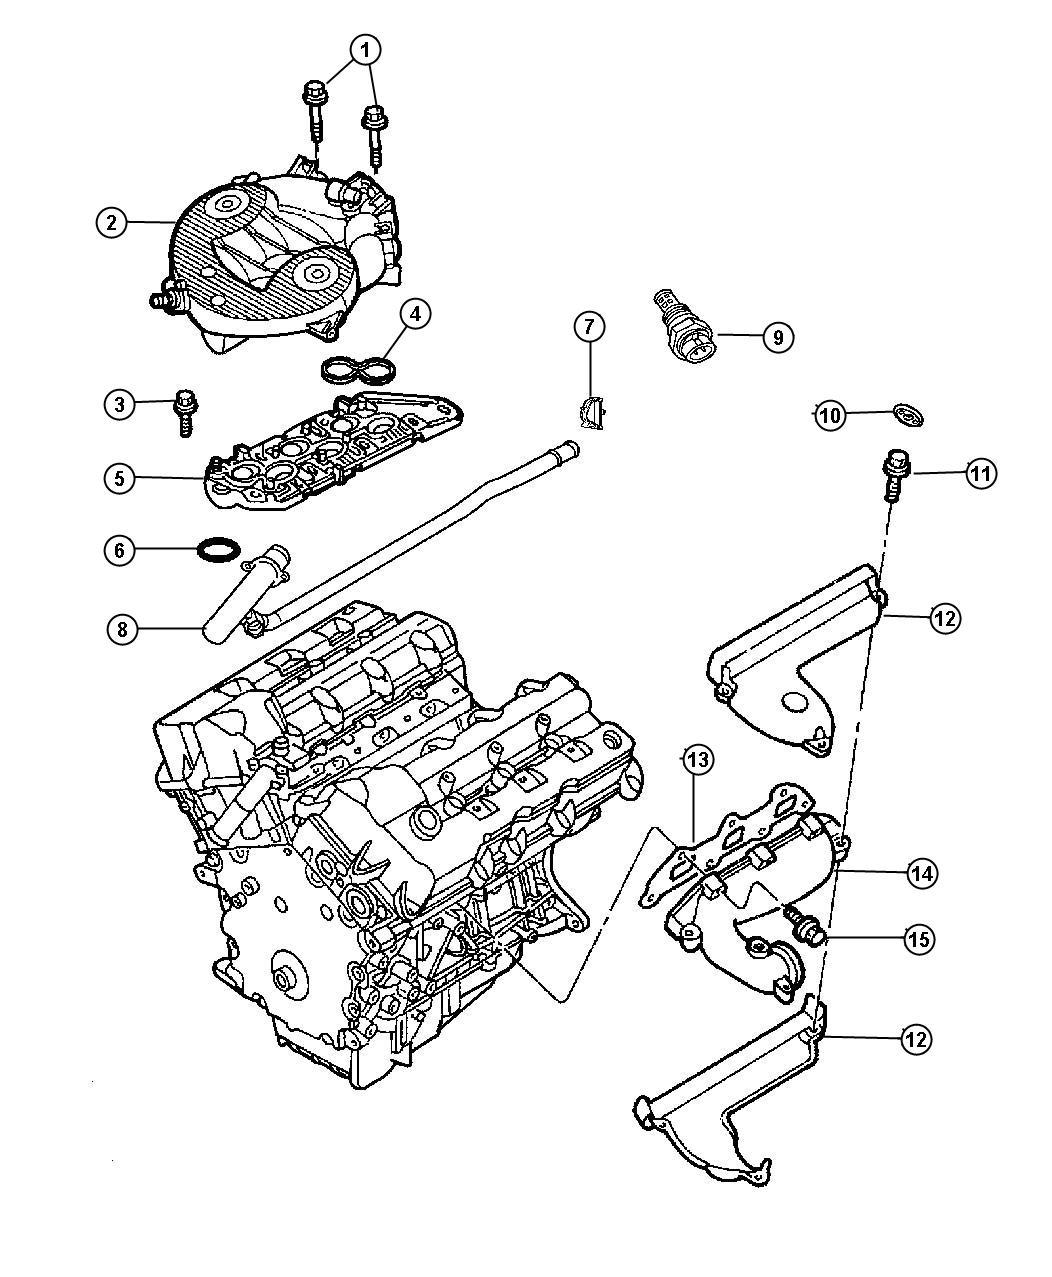 Chrysler Lhs Sensor  Coolant Temperature  2 5l  U0026 4 0l